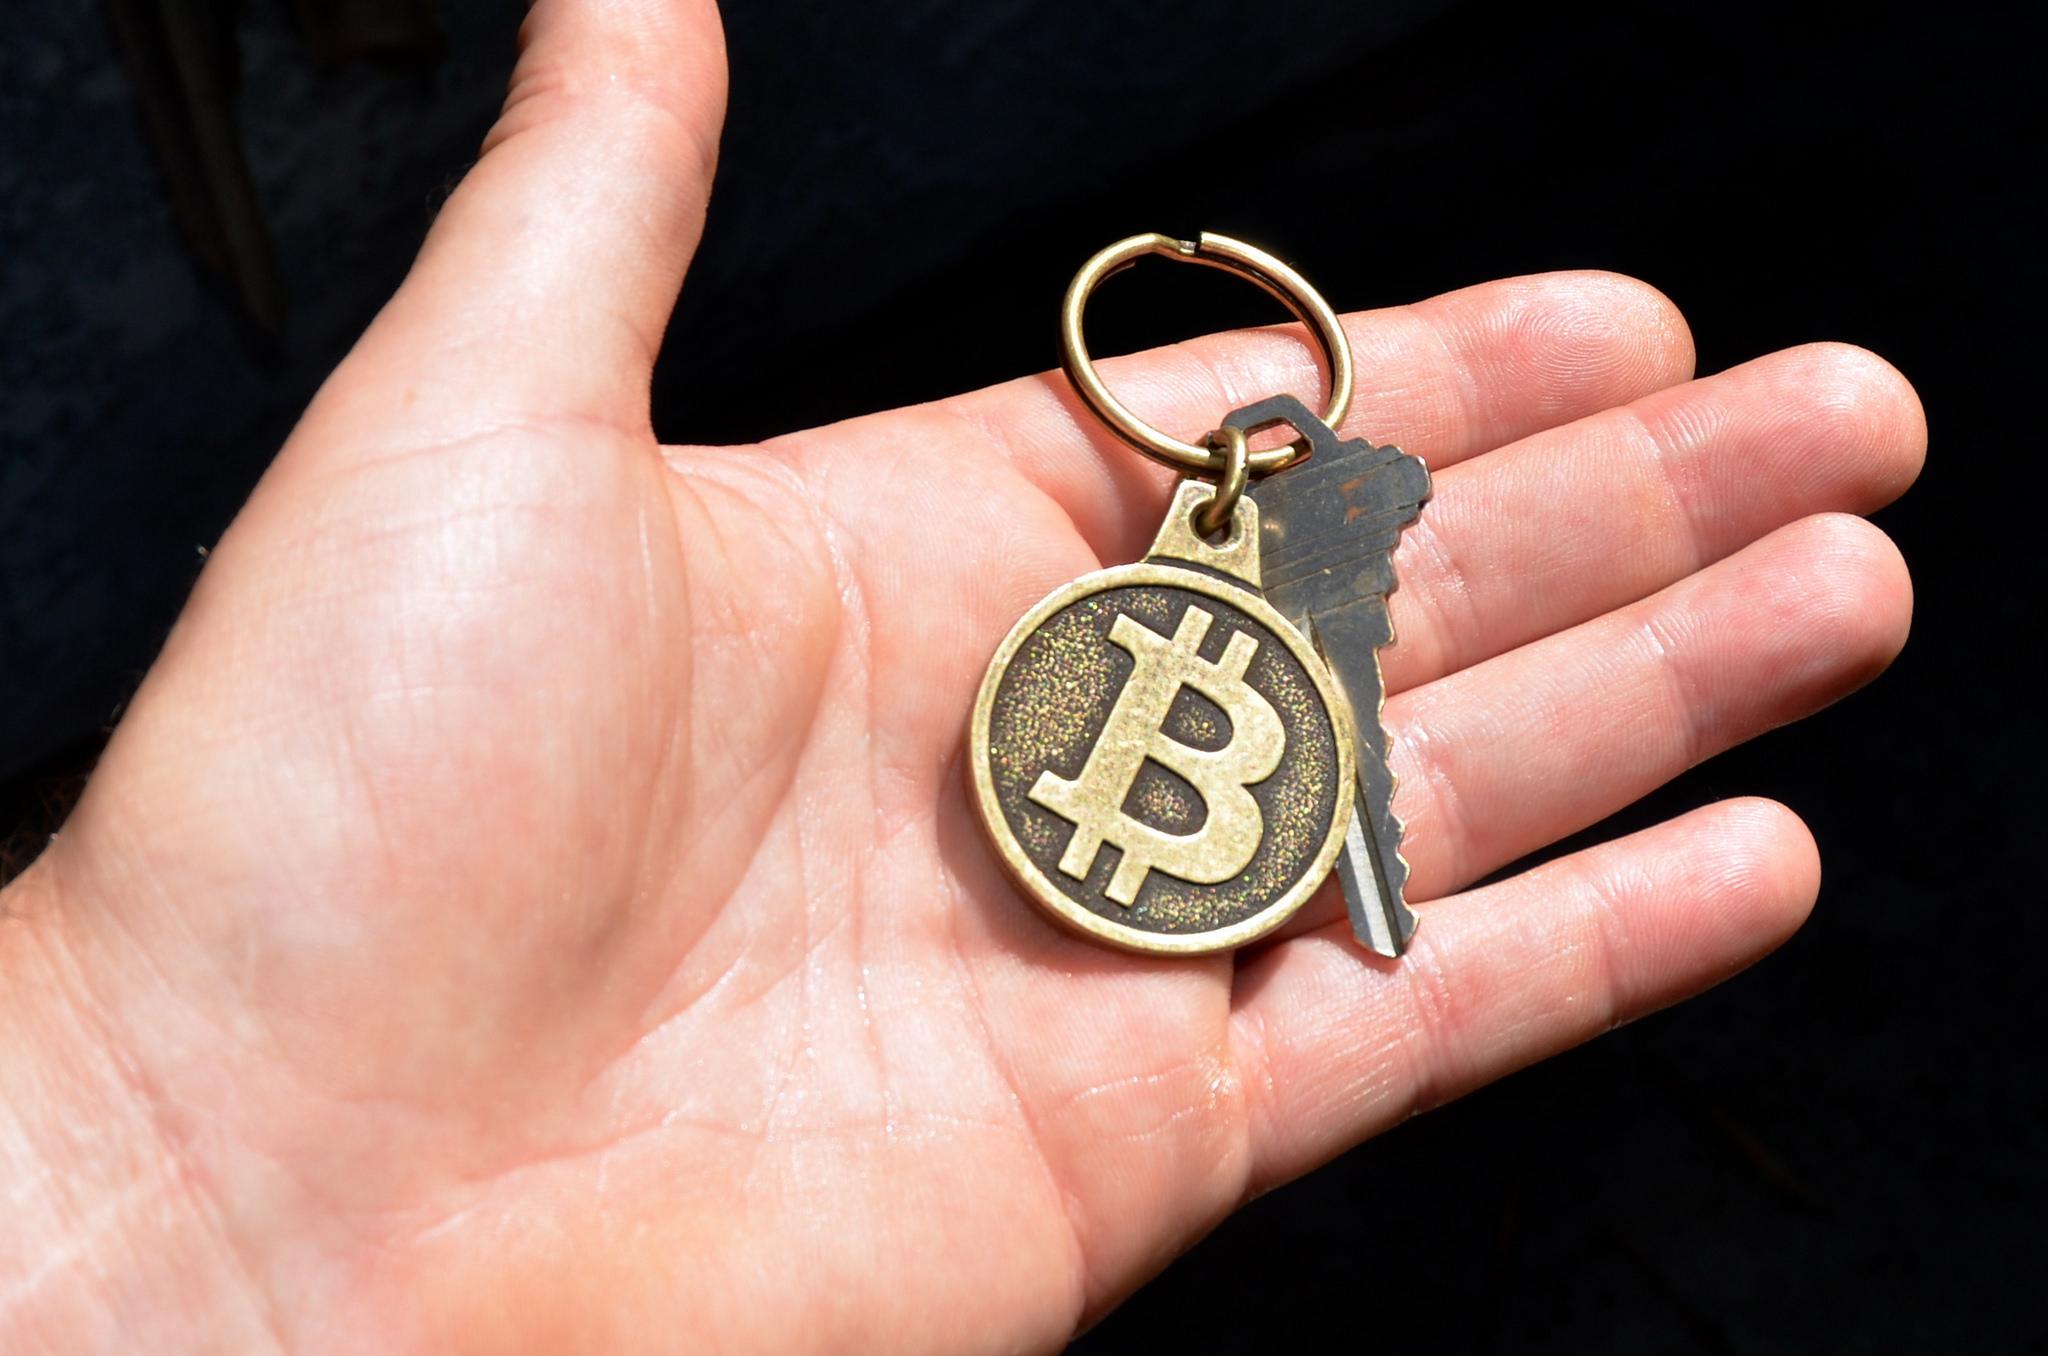 世界同時不況の時に仮想通貨が未来のカギになる